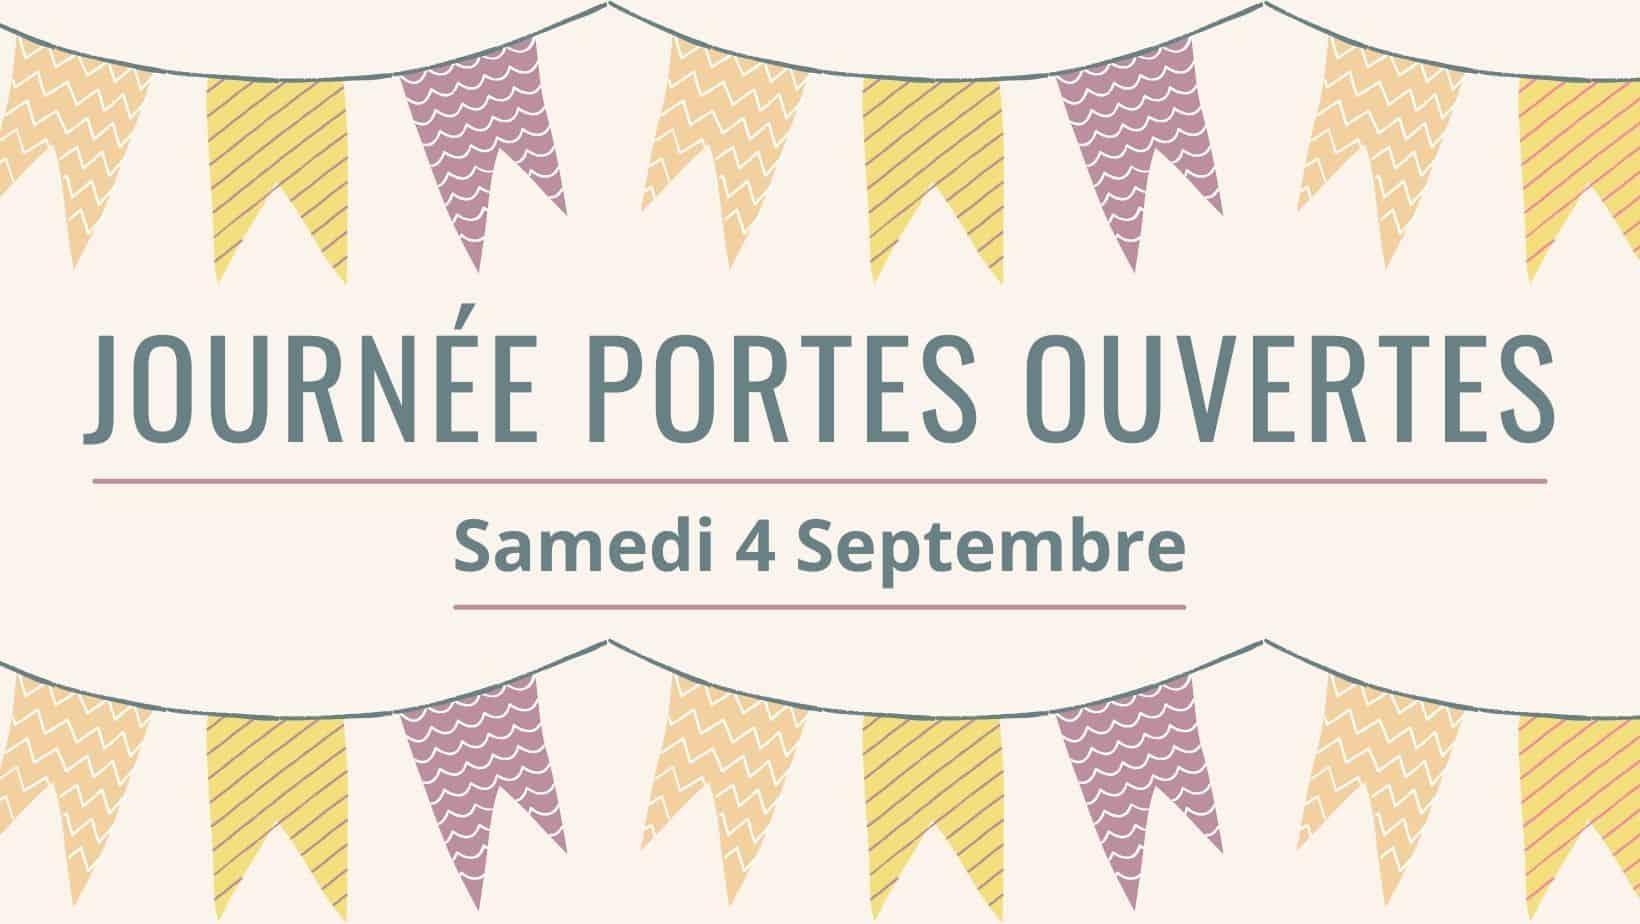 Journée portes ouvertes, samedi 4 septembre